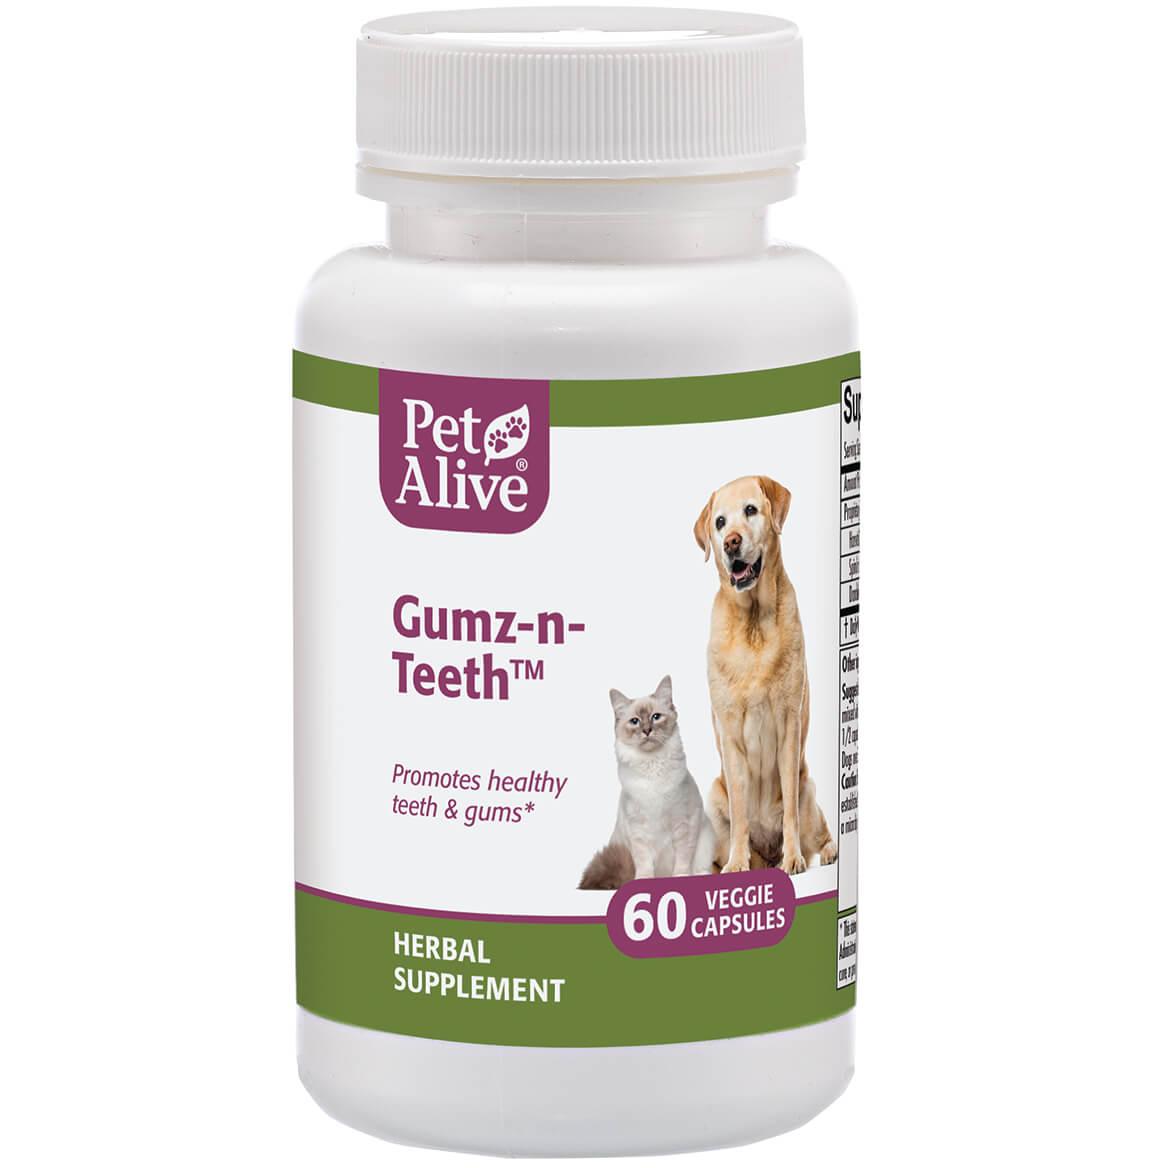 PetAlive® Gumz-n-Teeth™